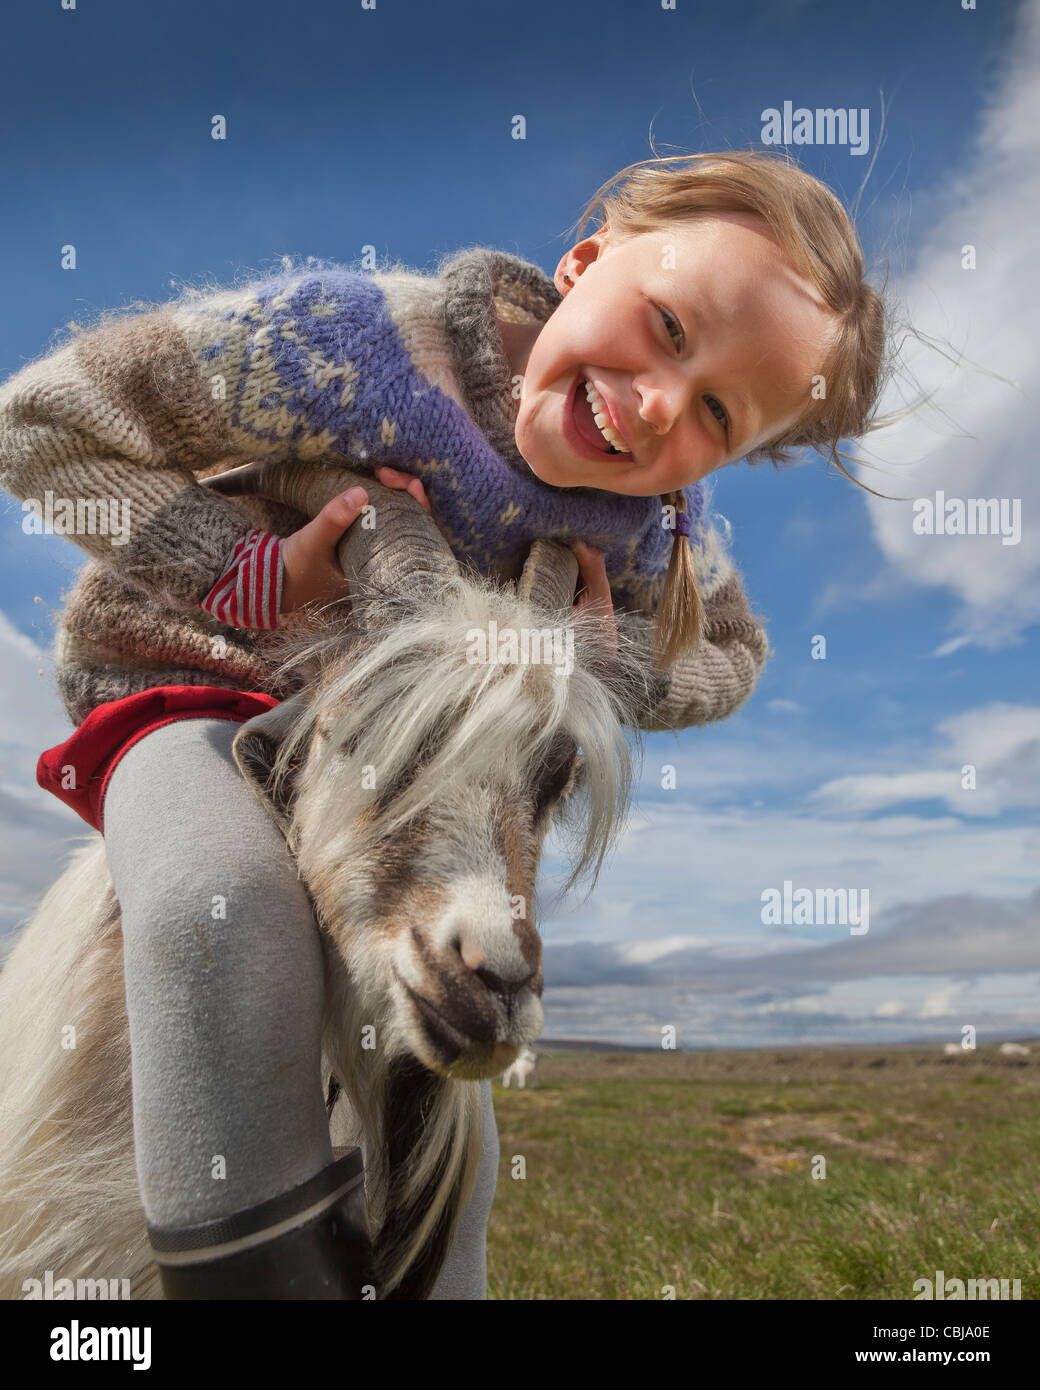 Fille avec chèvre, chèvre farm, Iceland Photo Stock